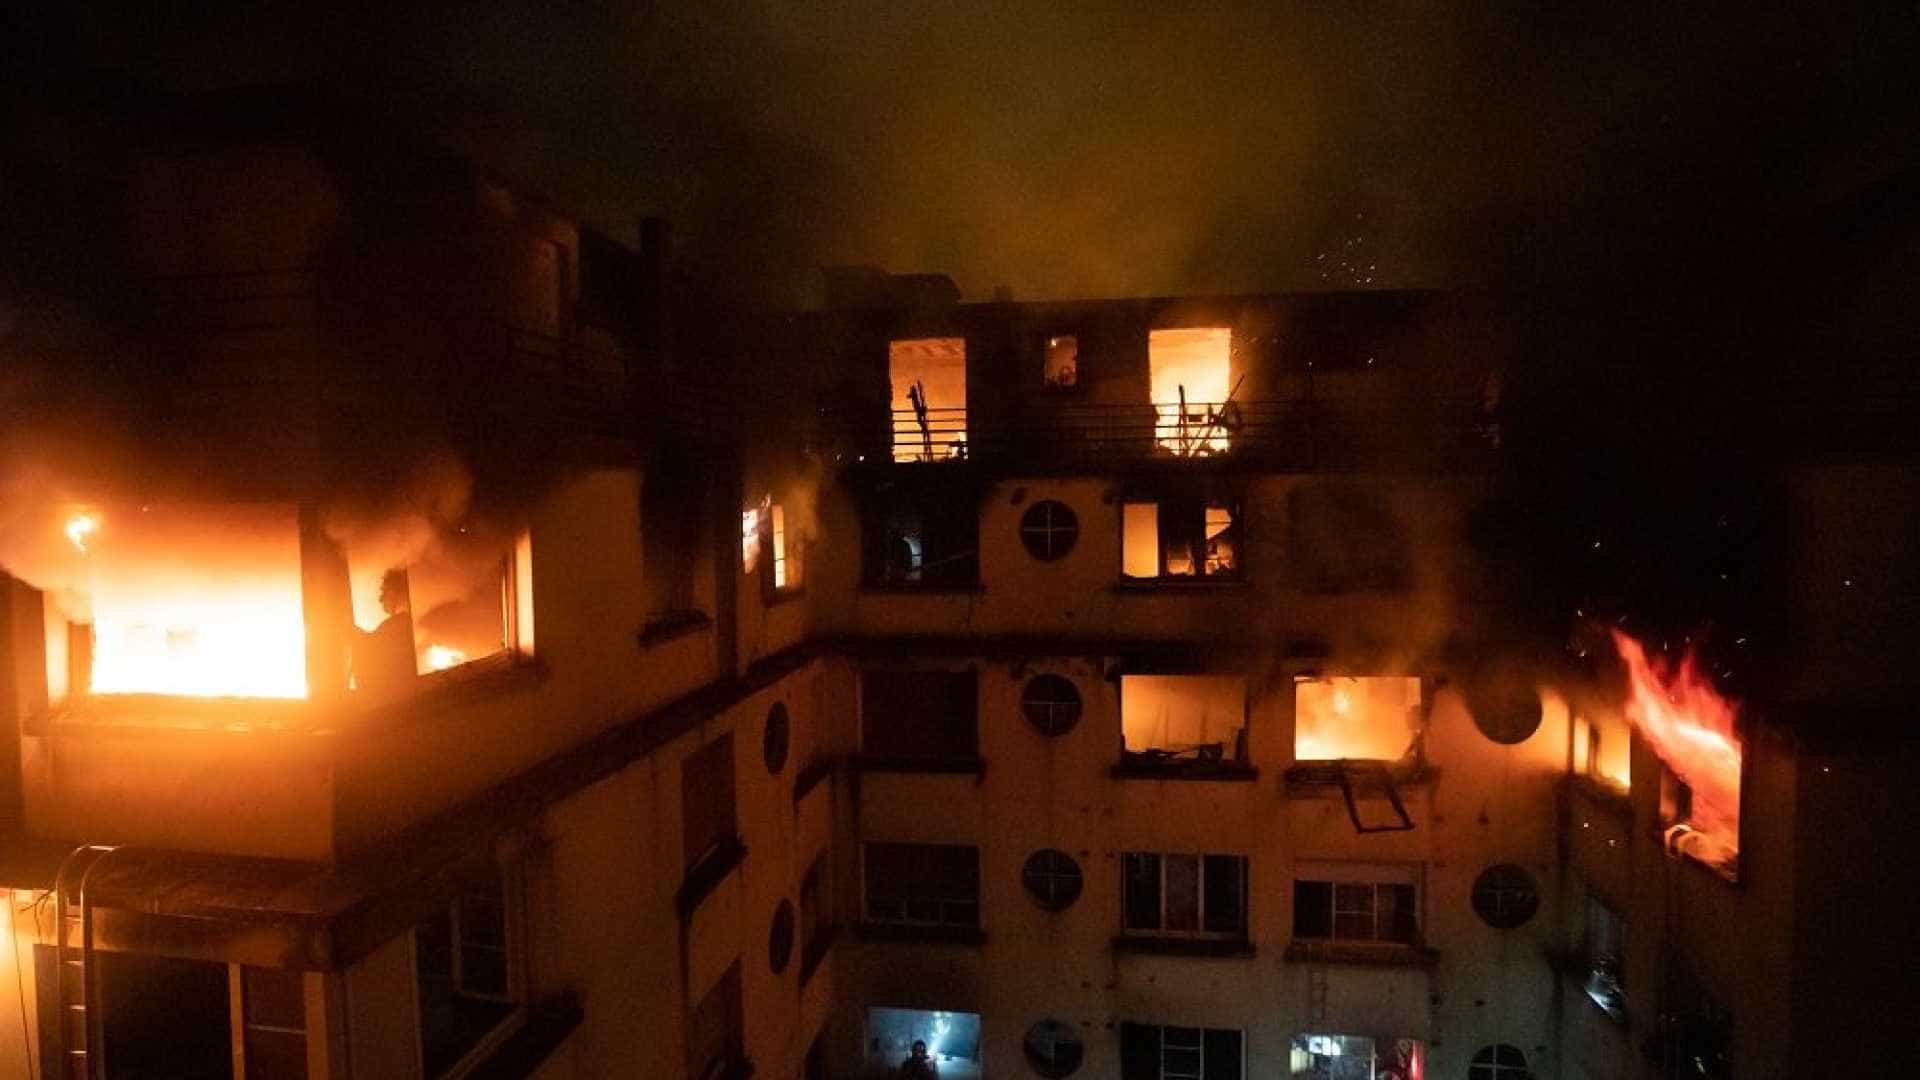 Incêndio em prédio de Paris deixa ao menos 9 mortos e 37 feridos